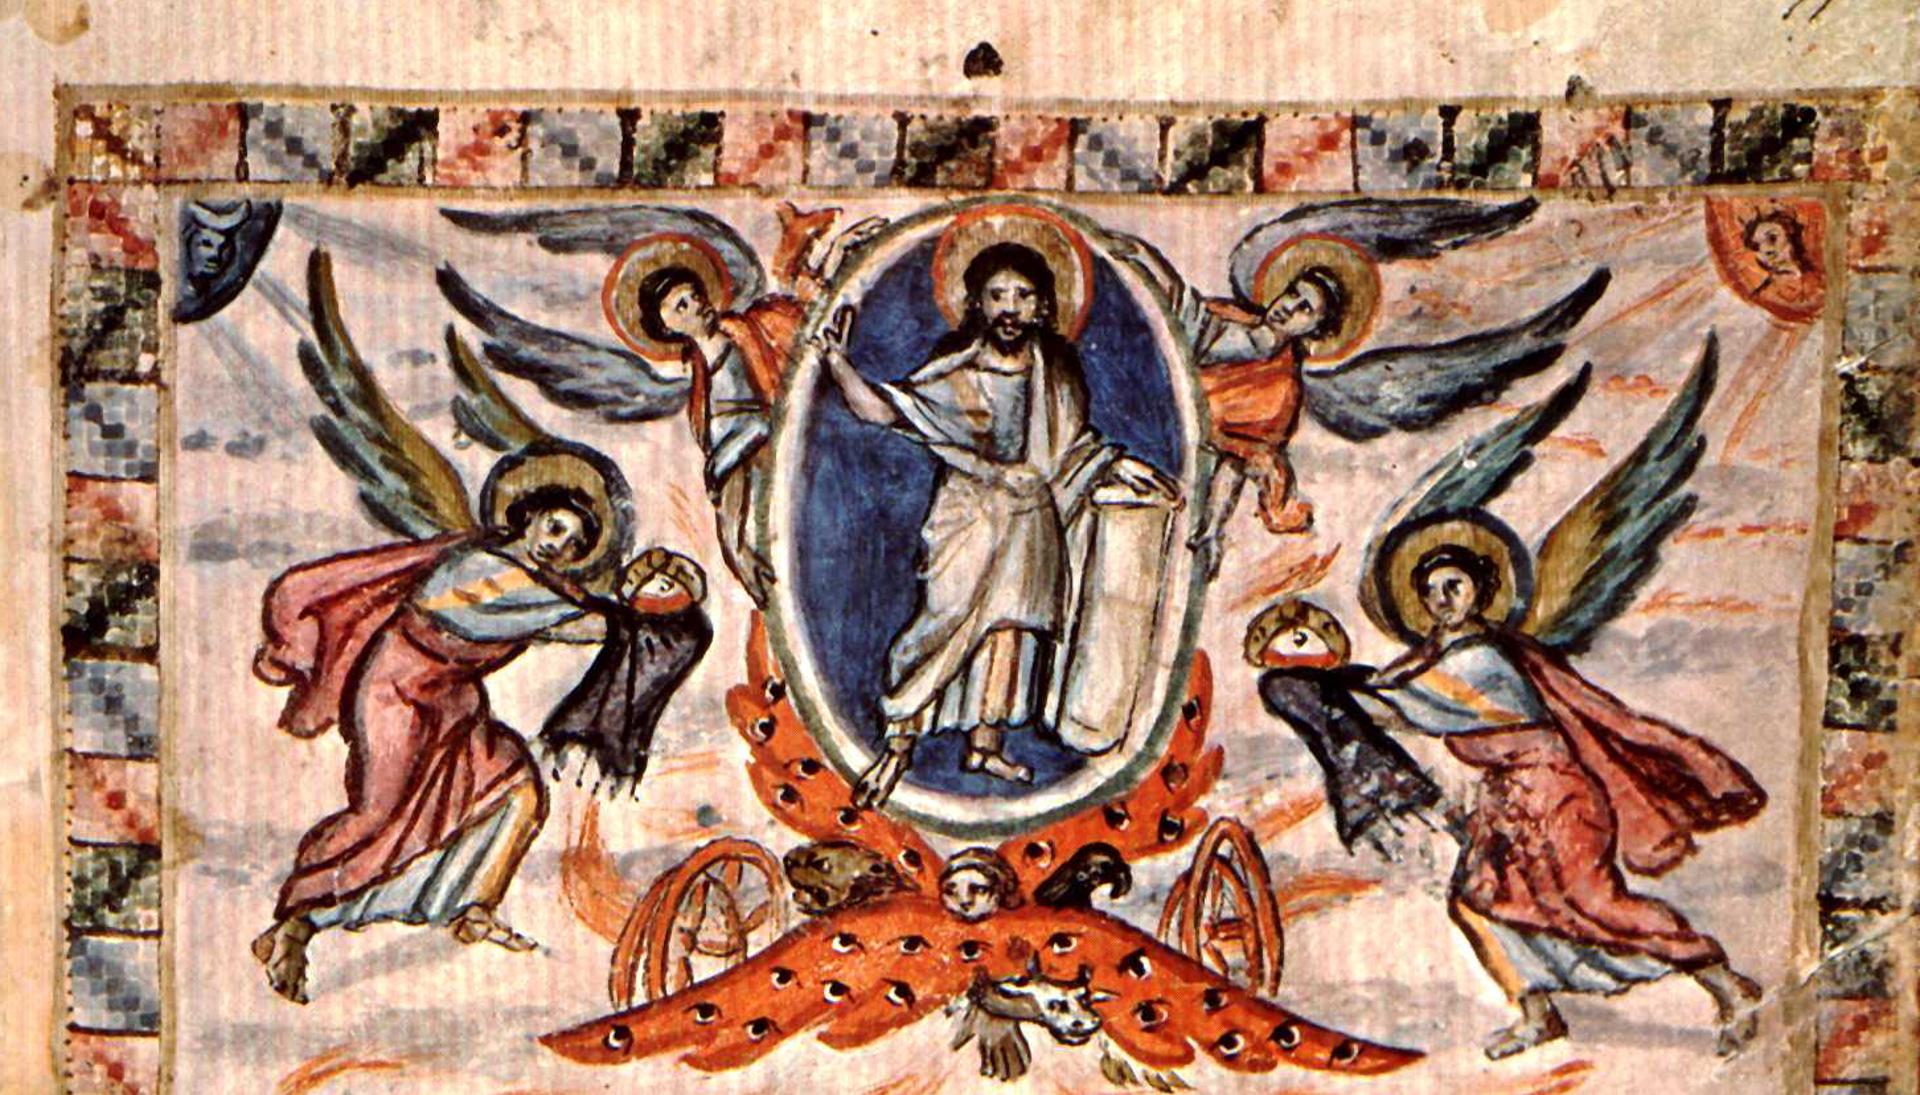 Darstellung von Christi Himmelfahrt im Rabbula-Evangeliar, 6. Jh.